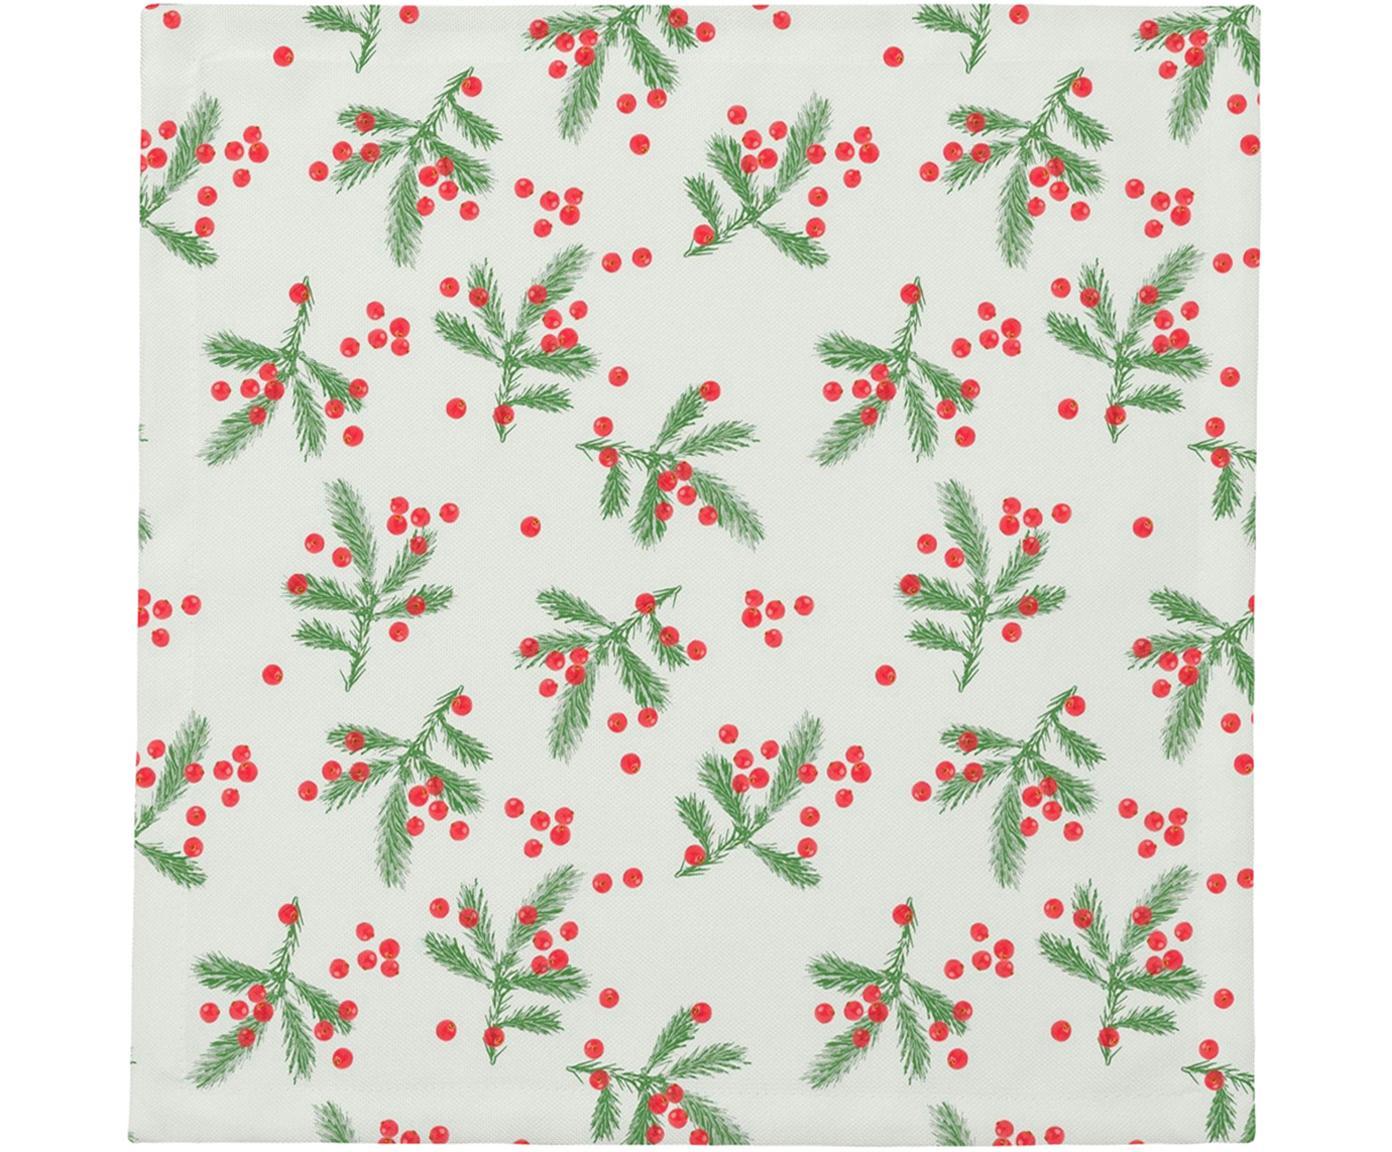 Tovagliolo di stoffa Christmas Berries, 4 pz., Cotone, Rosso, verde, Larg. 40 x Lung. 40 cm